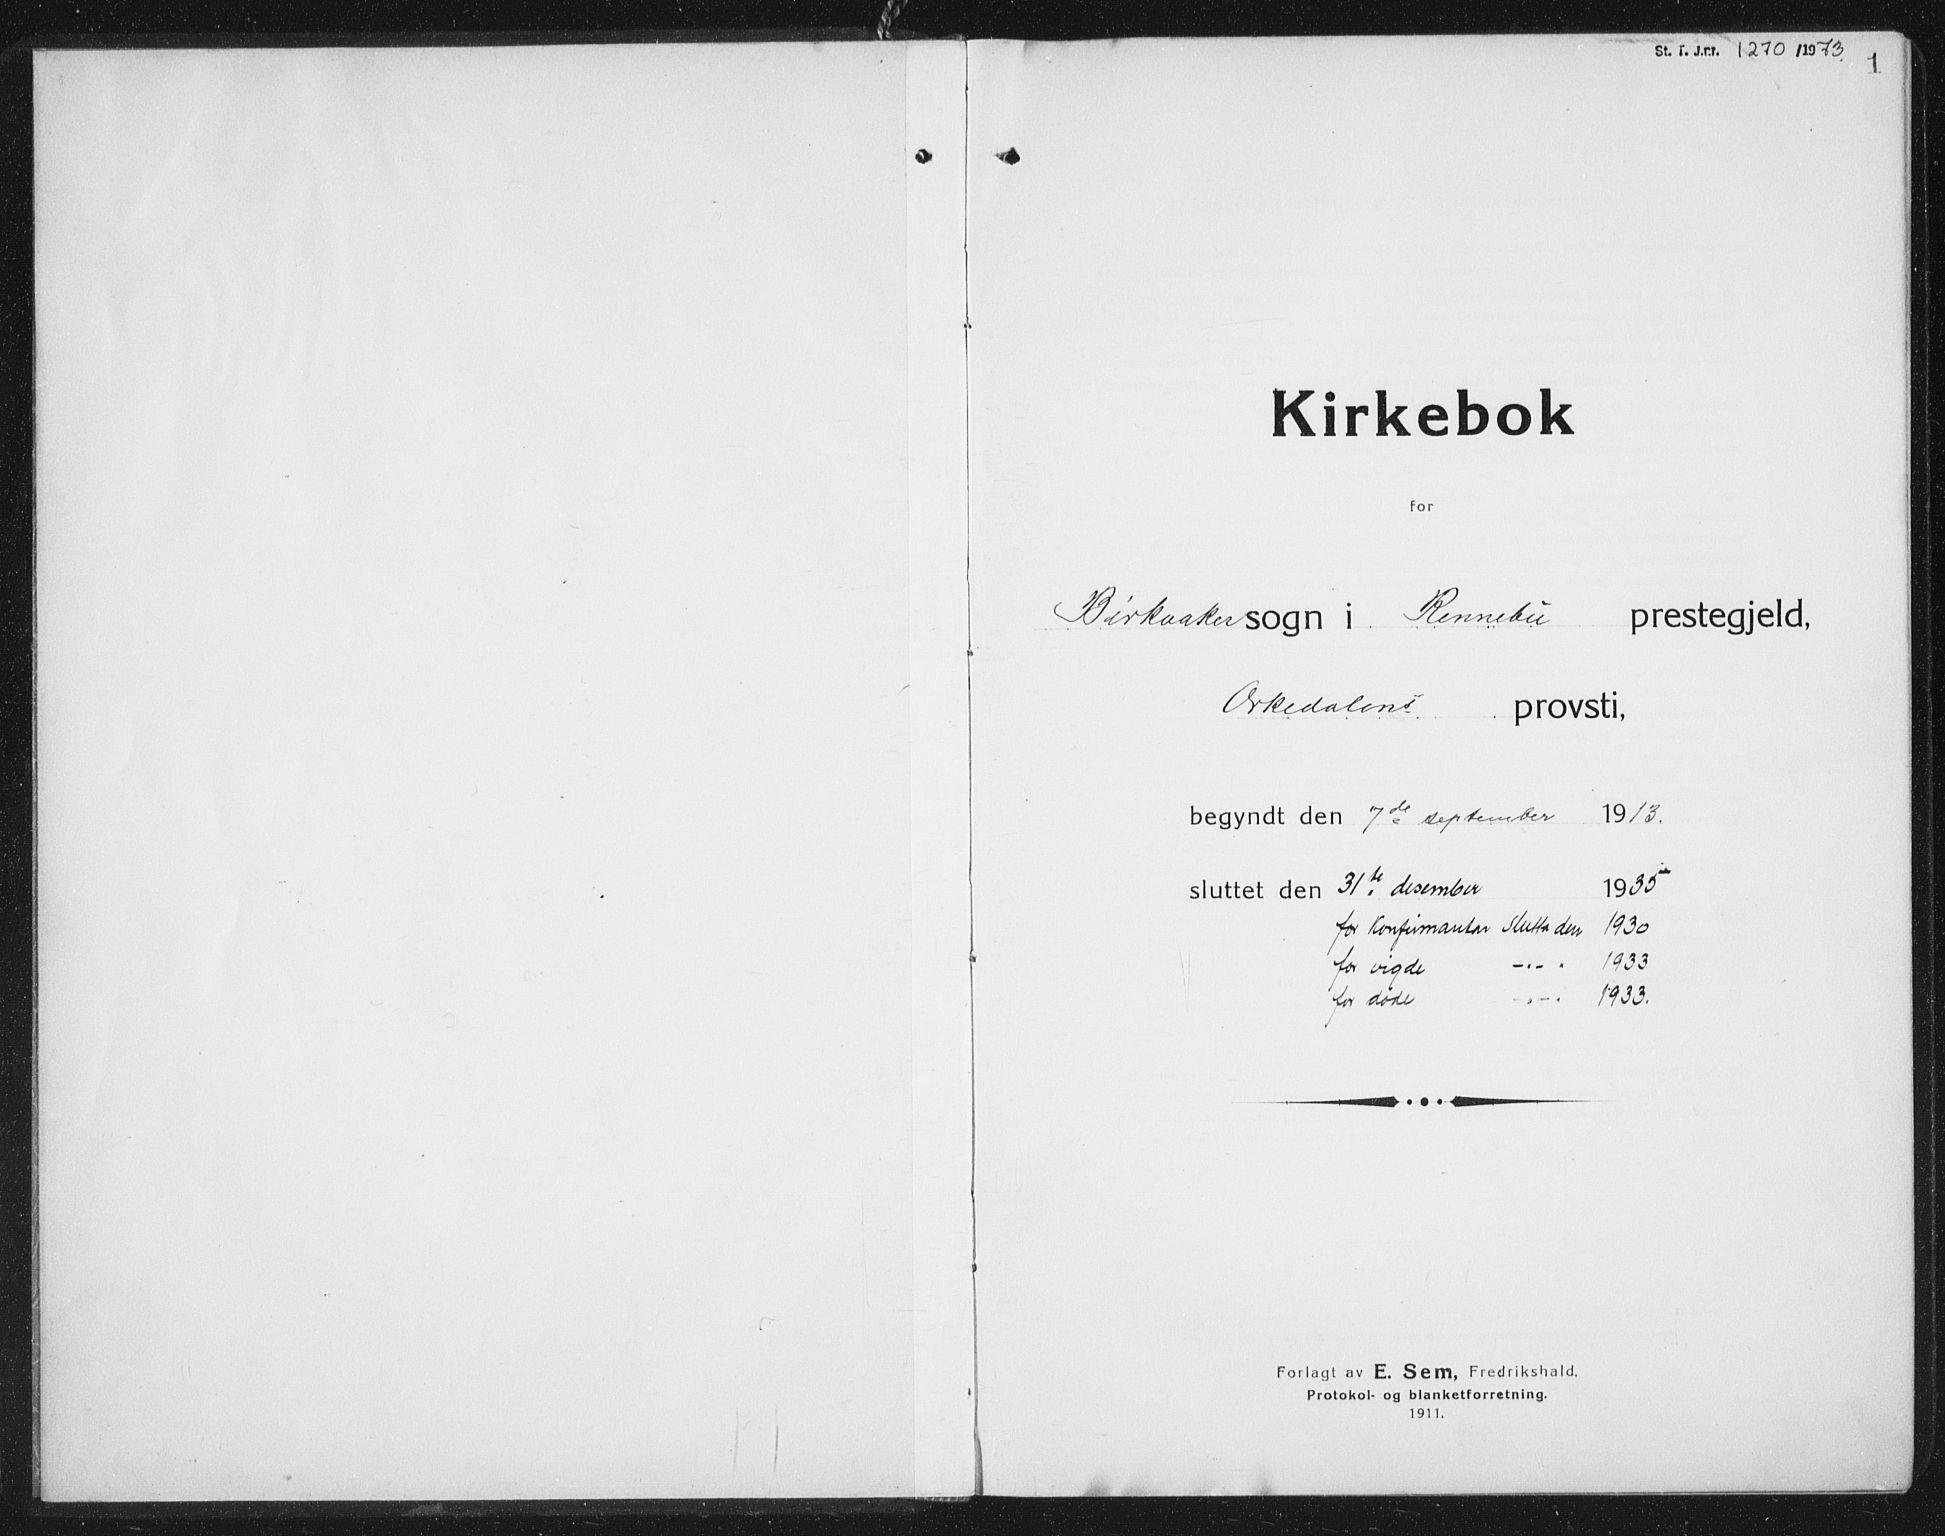 SAT, Ministerialprotokoller, klokkerbøker og fødselsregistre - Sør-Trøndelag, 675/L0888: Klokkerbok nr. 675C01, 1913-1935, s. 1